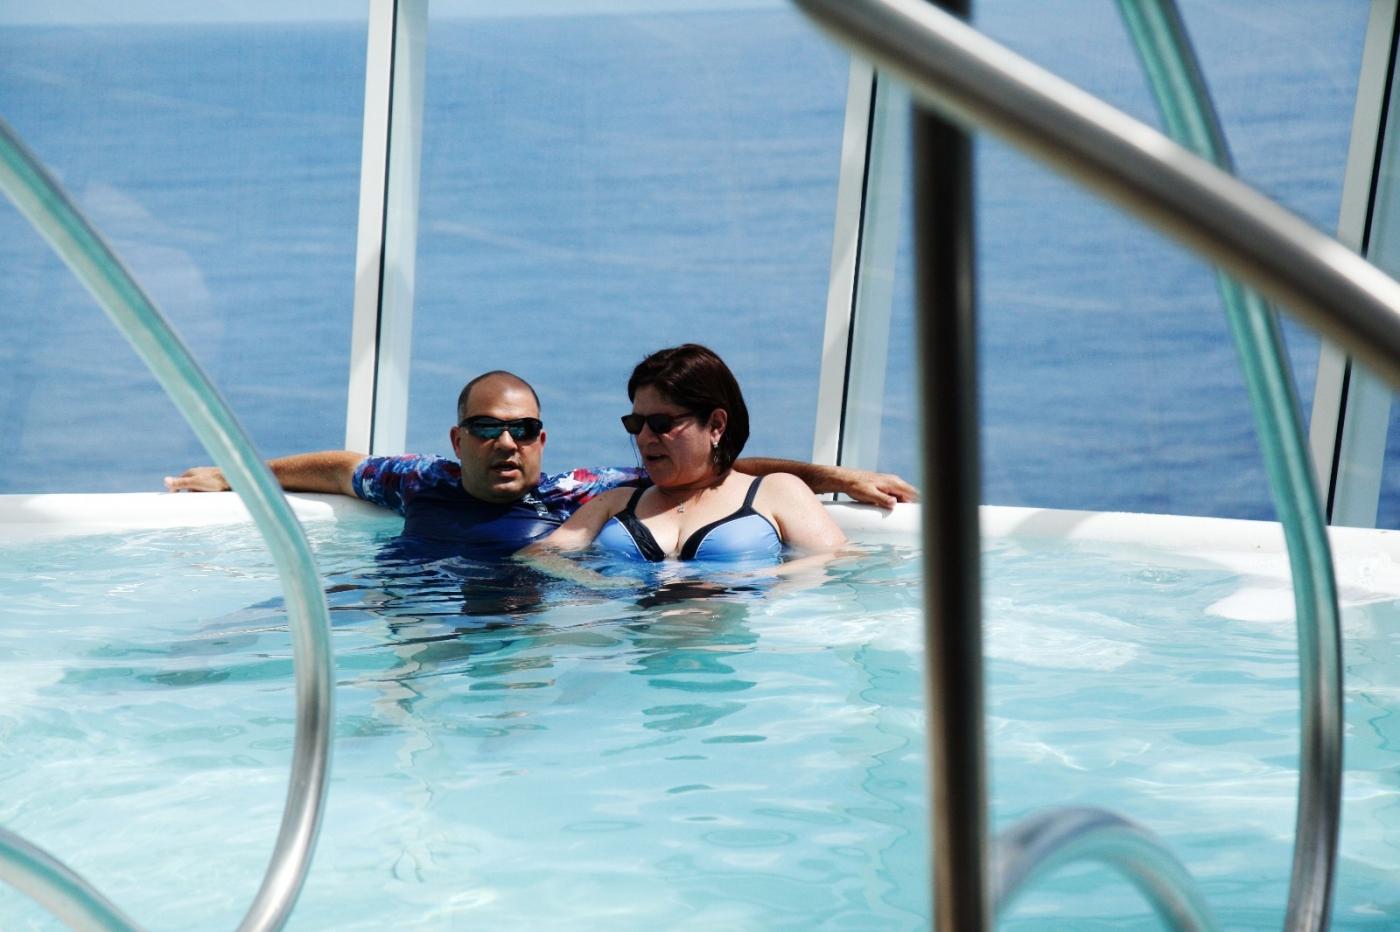 在游轮泳池泡水,观看冲浪表演_图1-5